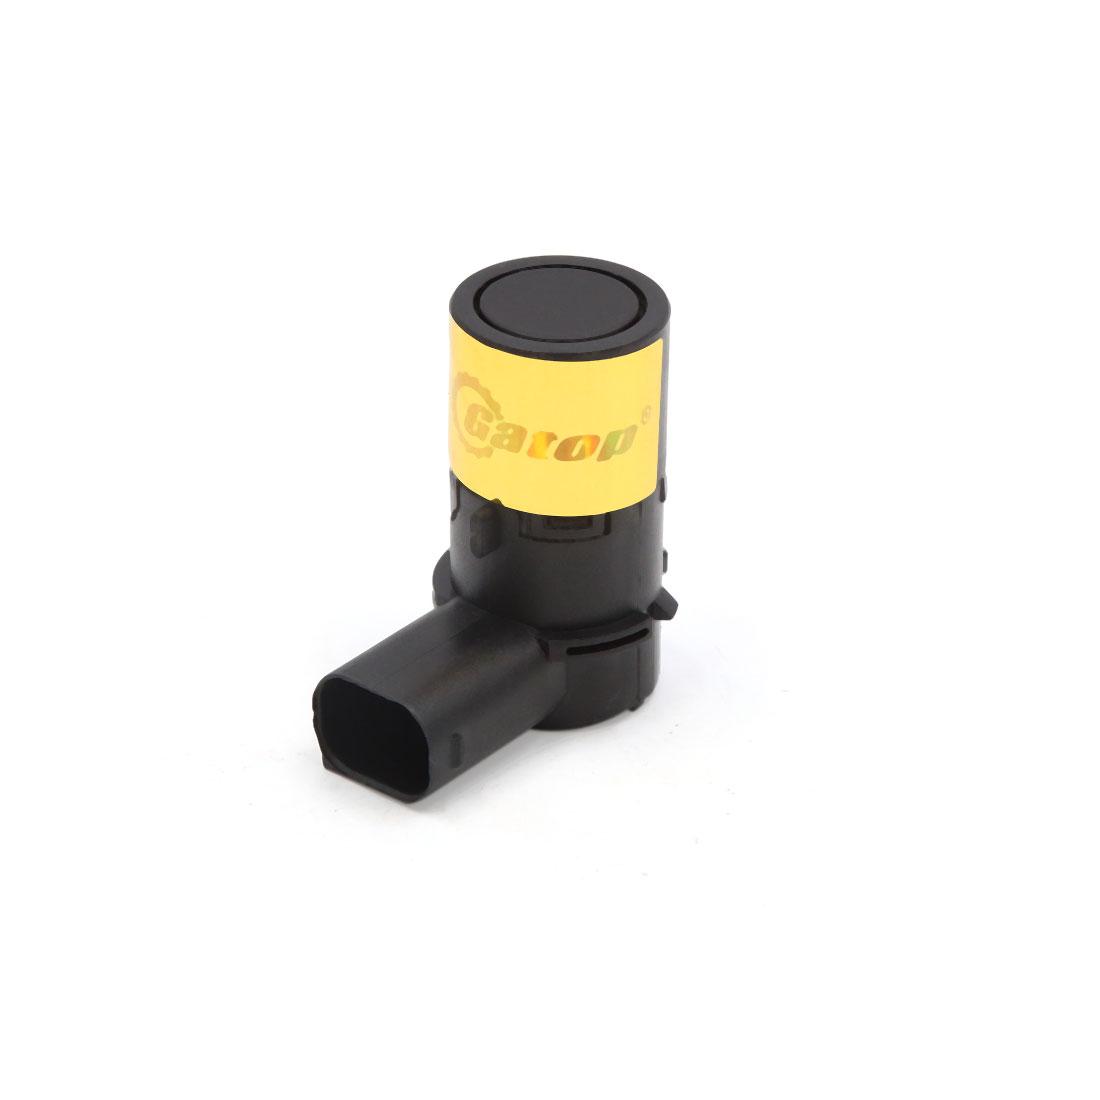 Bumper Parking Distance Reverse Sensor 7701062074 for Renault Laguna II Megane